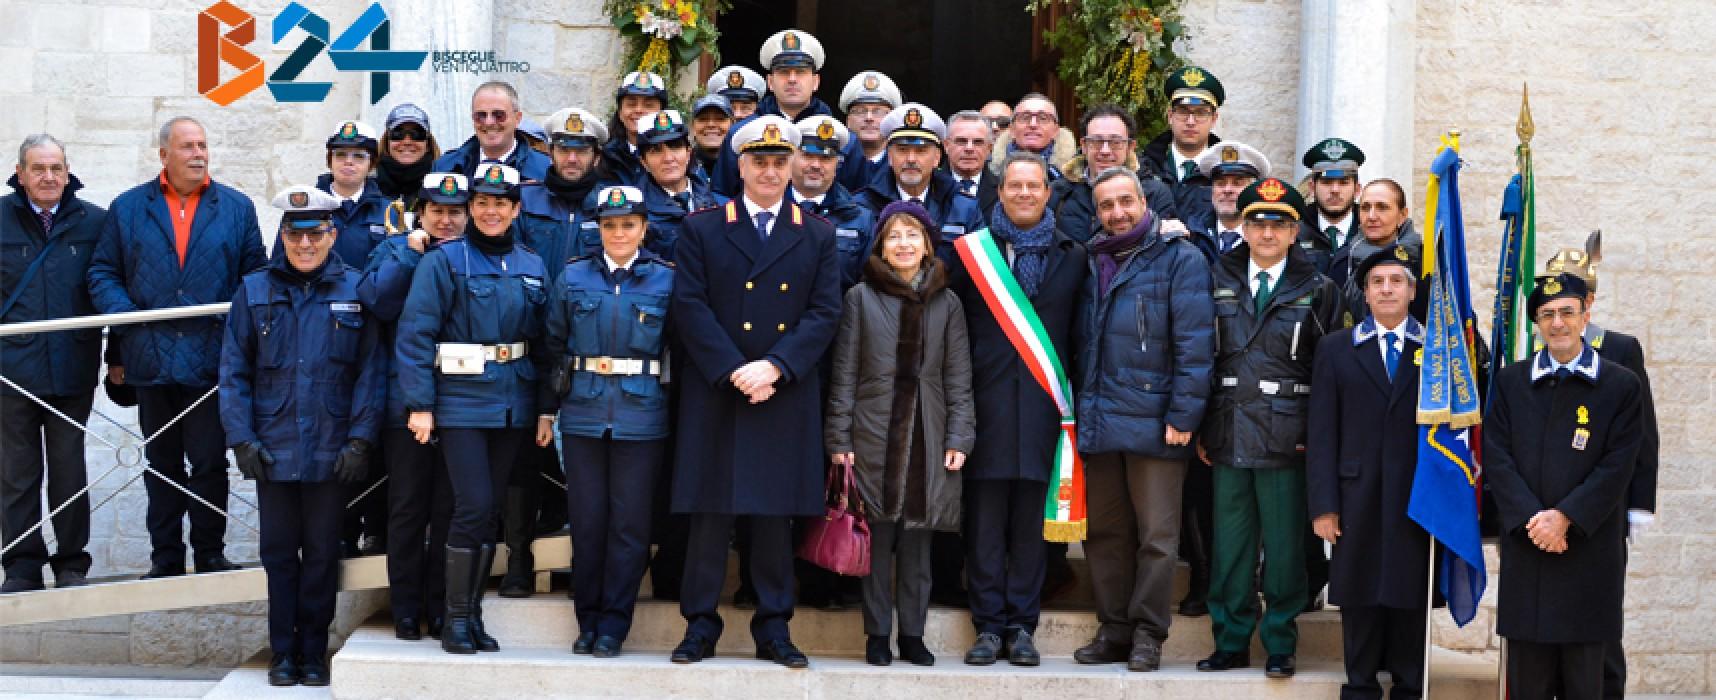 Polizia Municipale in festa, ecco la relazione dell'attività 2015 / CIFRE E FOTO